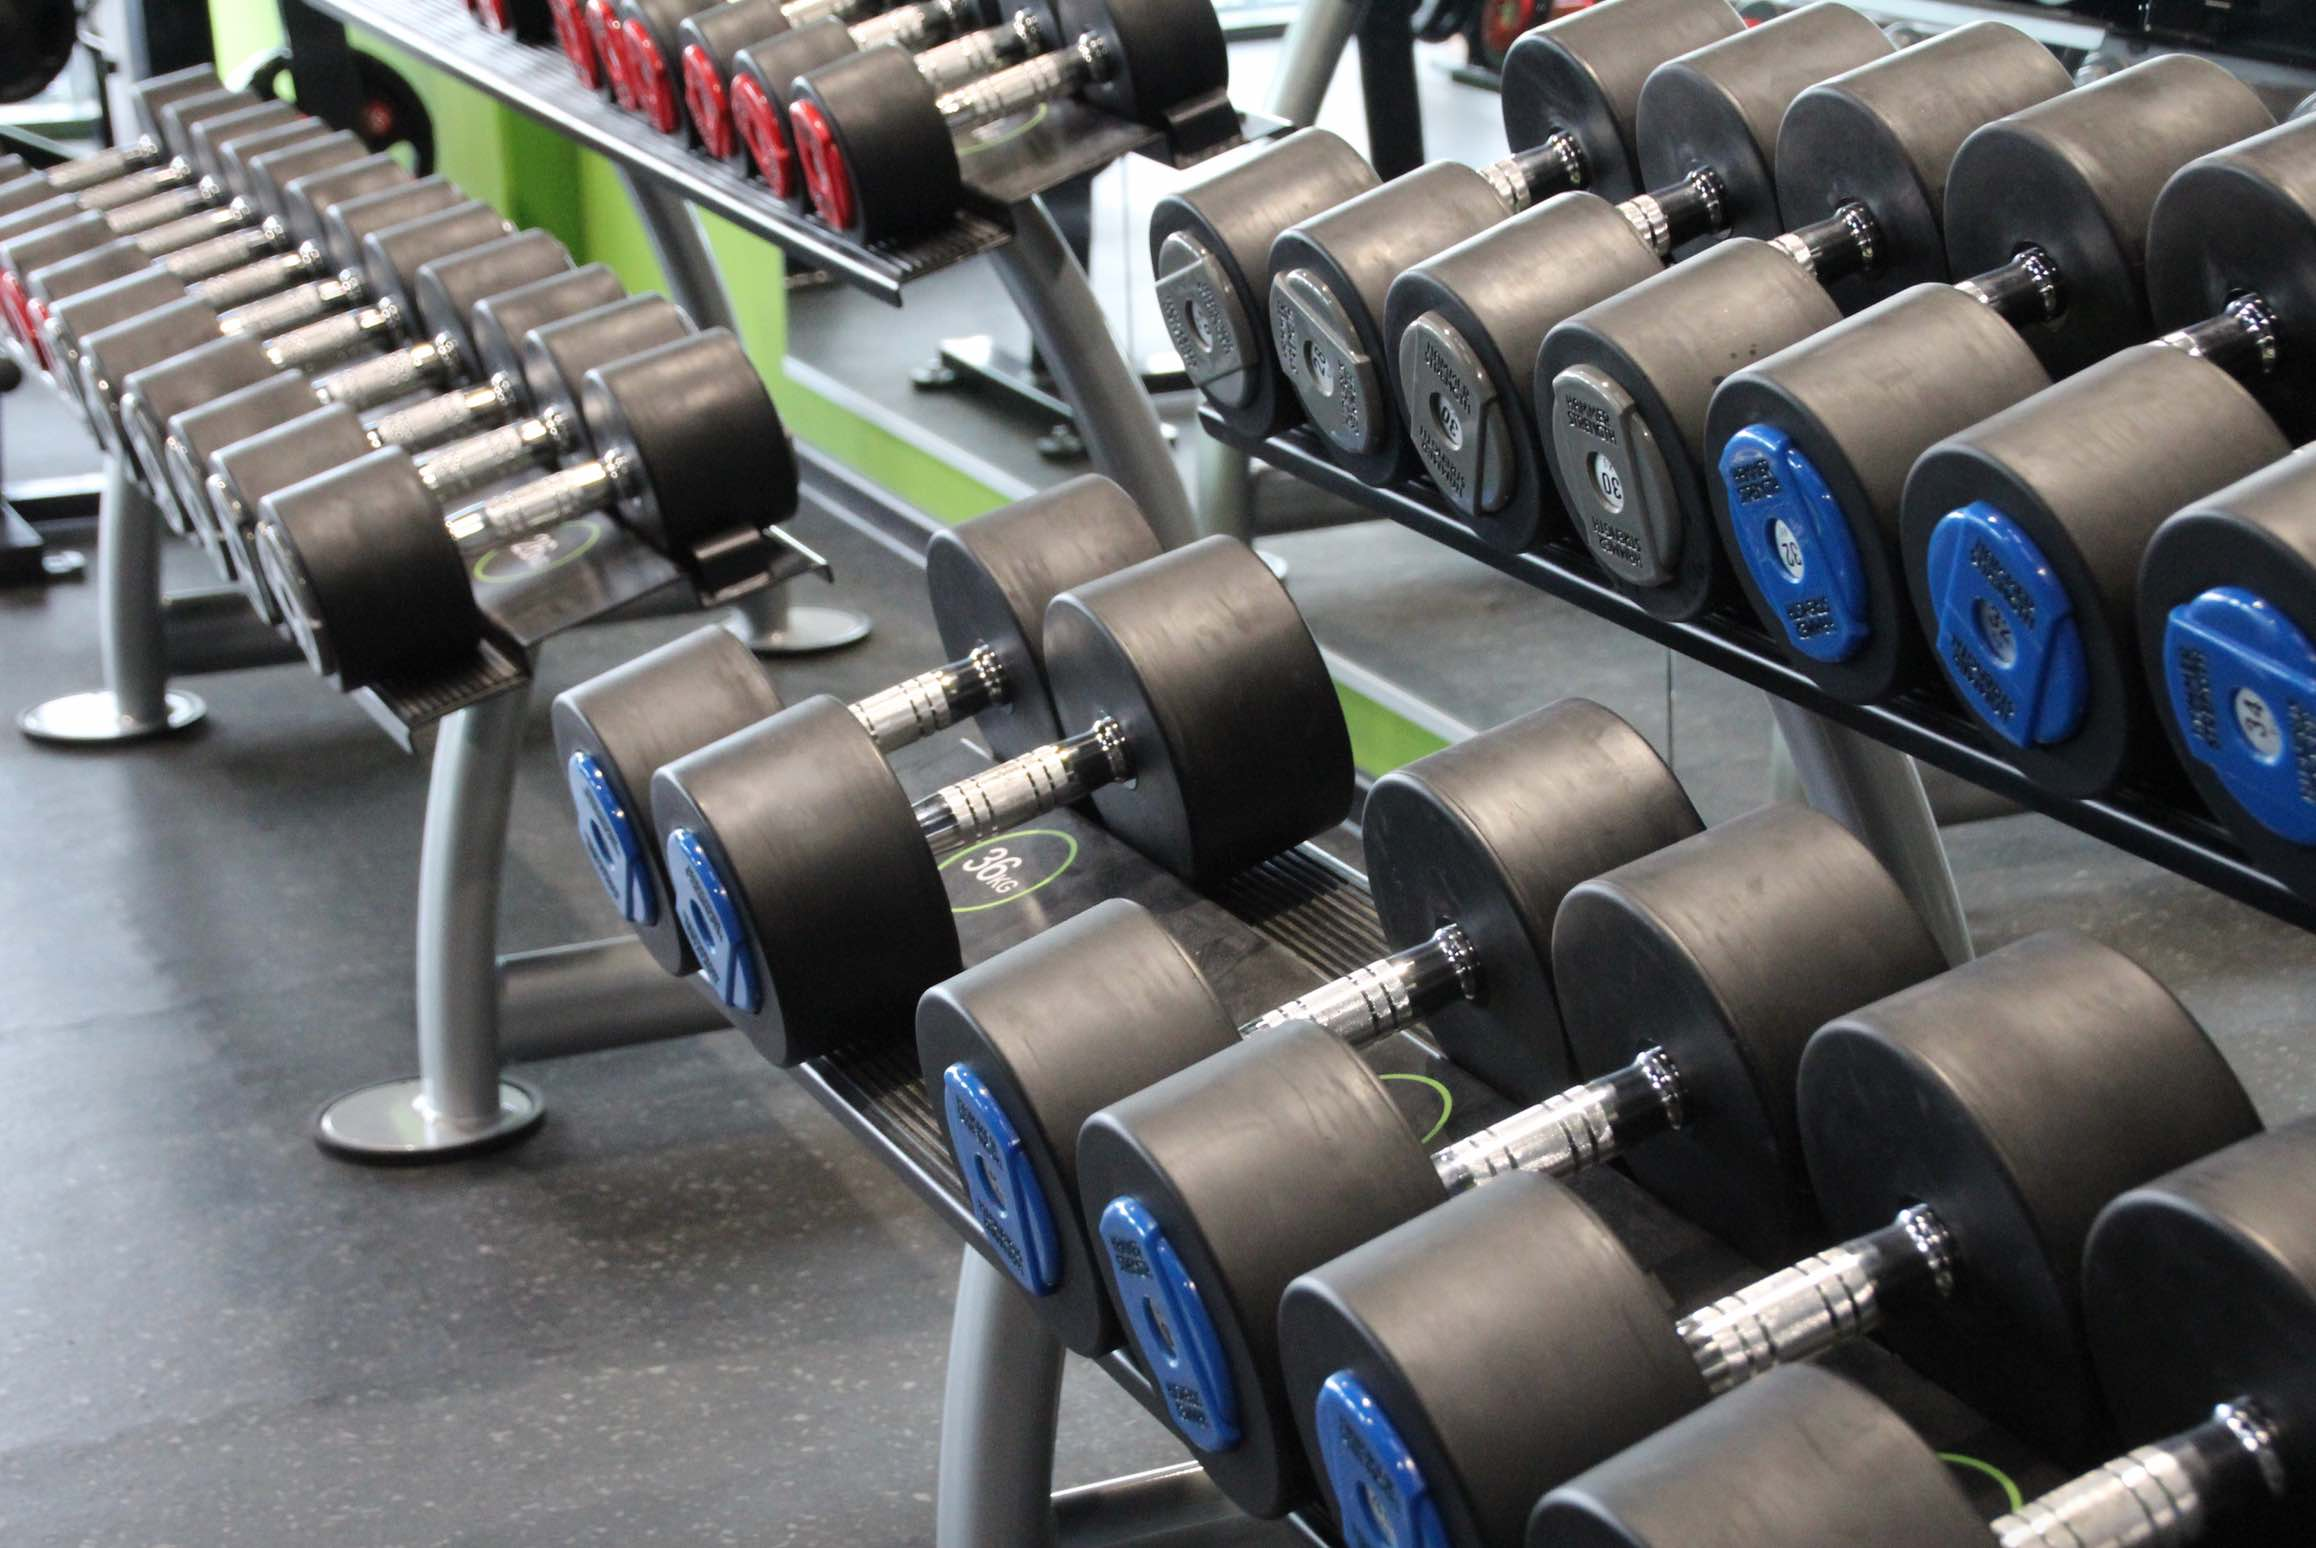 Ins man ab darf fitnessstudio wann Ab Wieviel